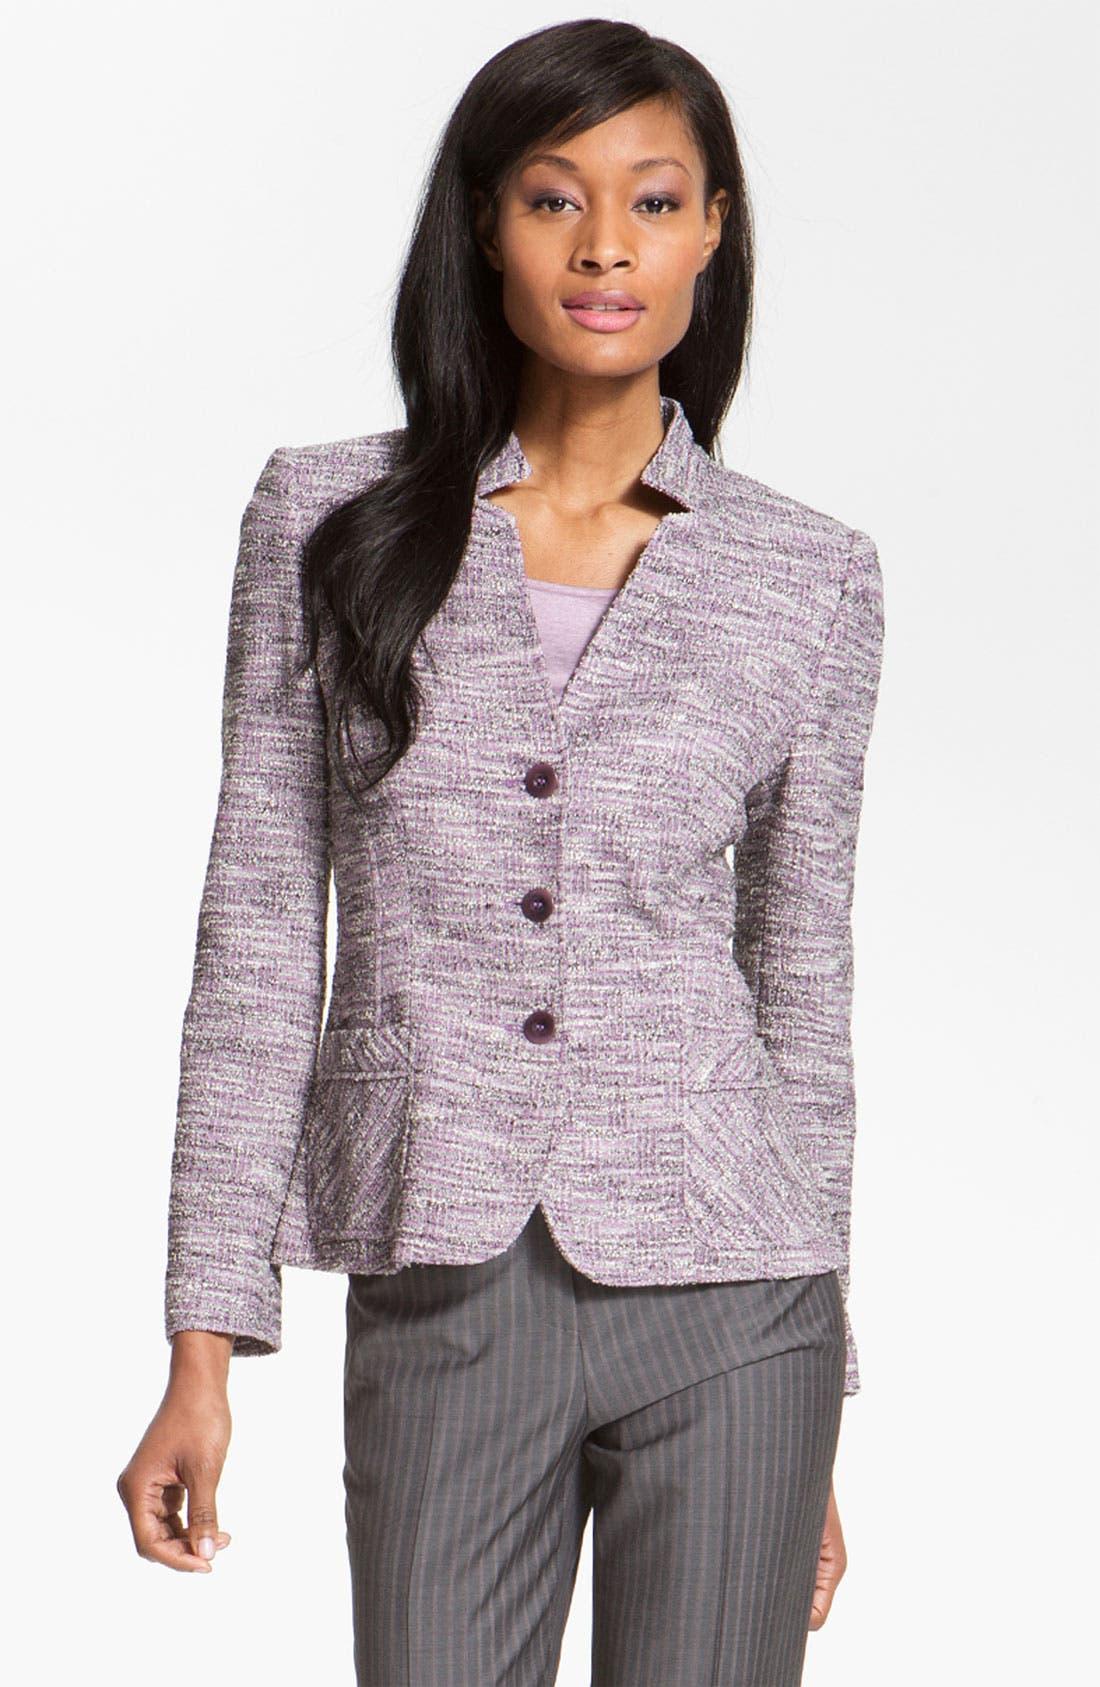 Main Image - Santorelli 'Dina' Jacket